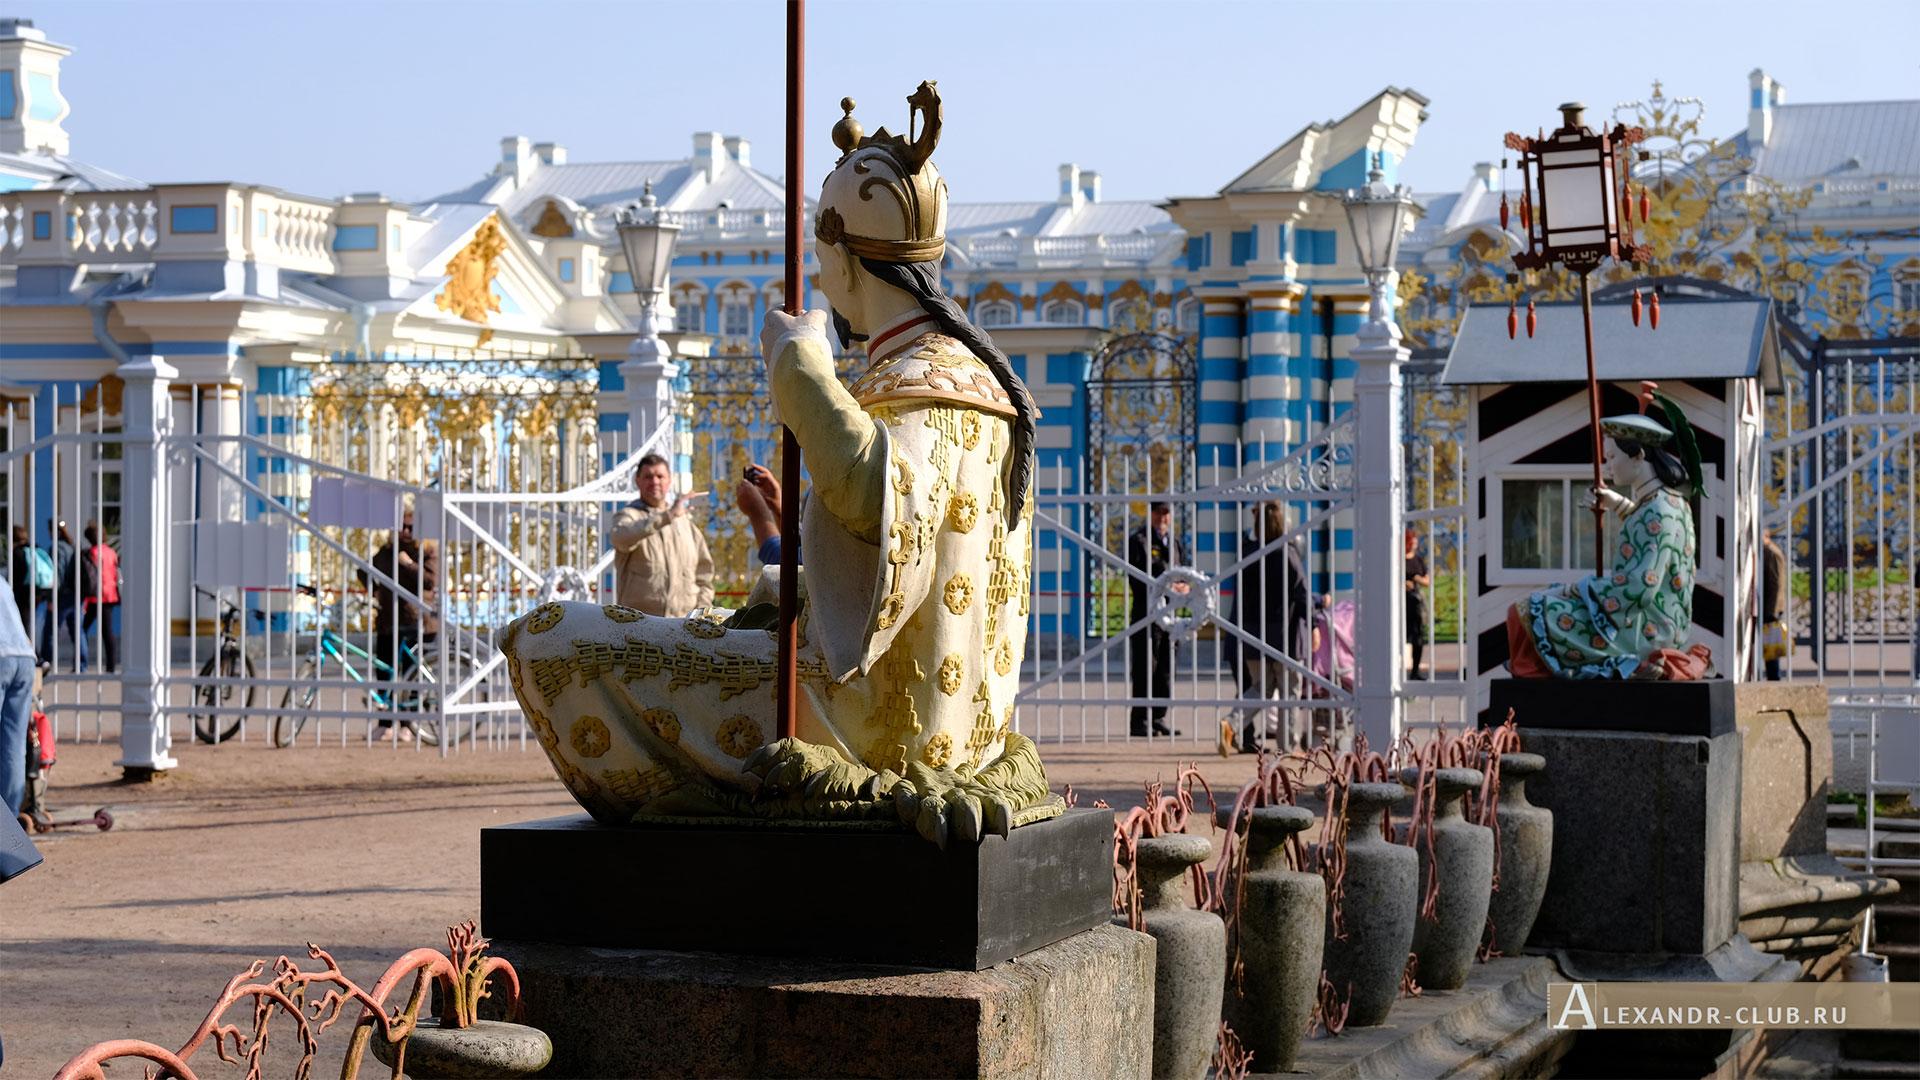 Пушкин, Царское Село, осень, Александровский парк, Большой китайский мост